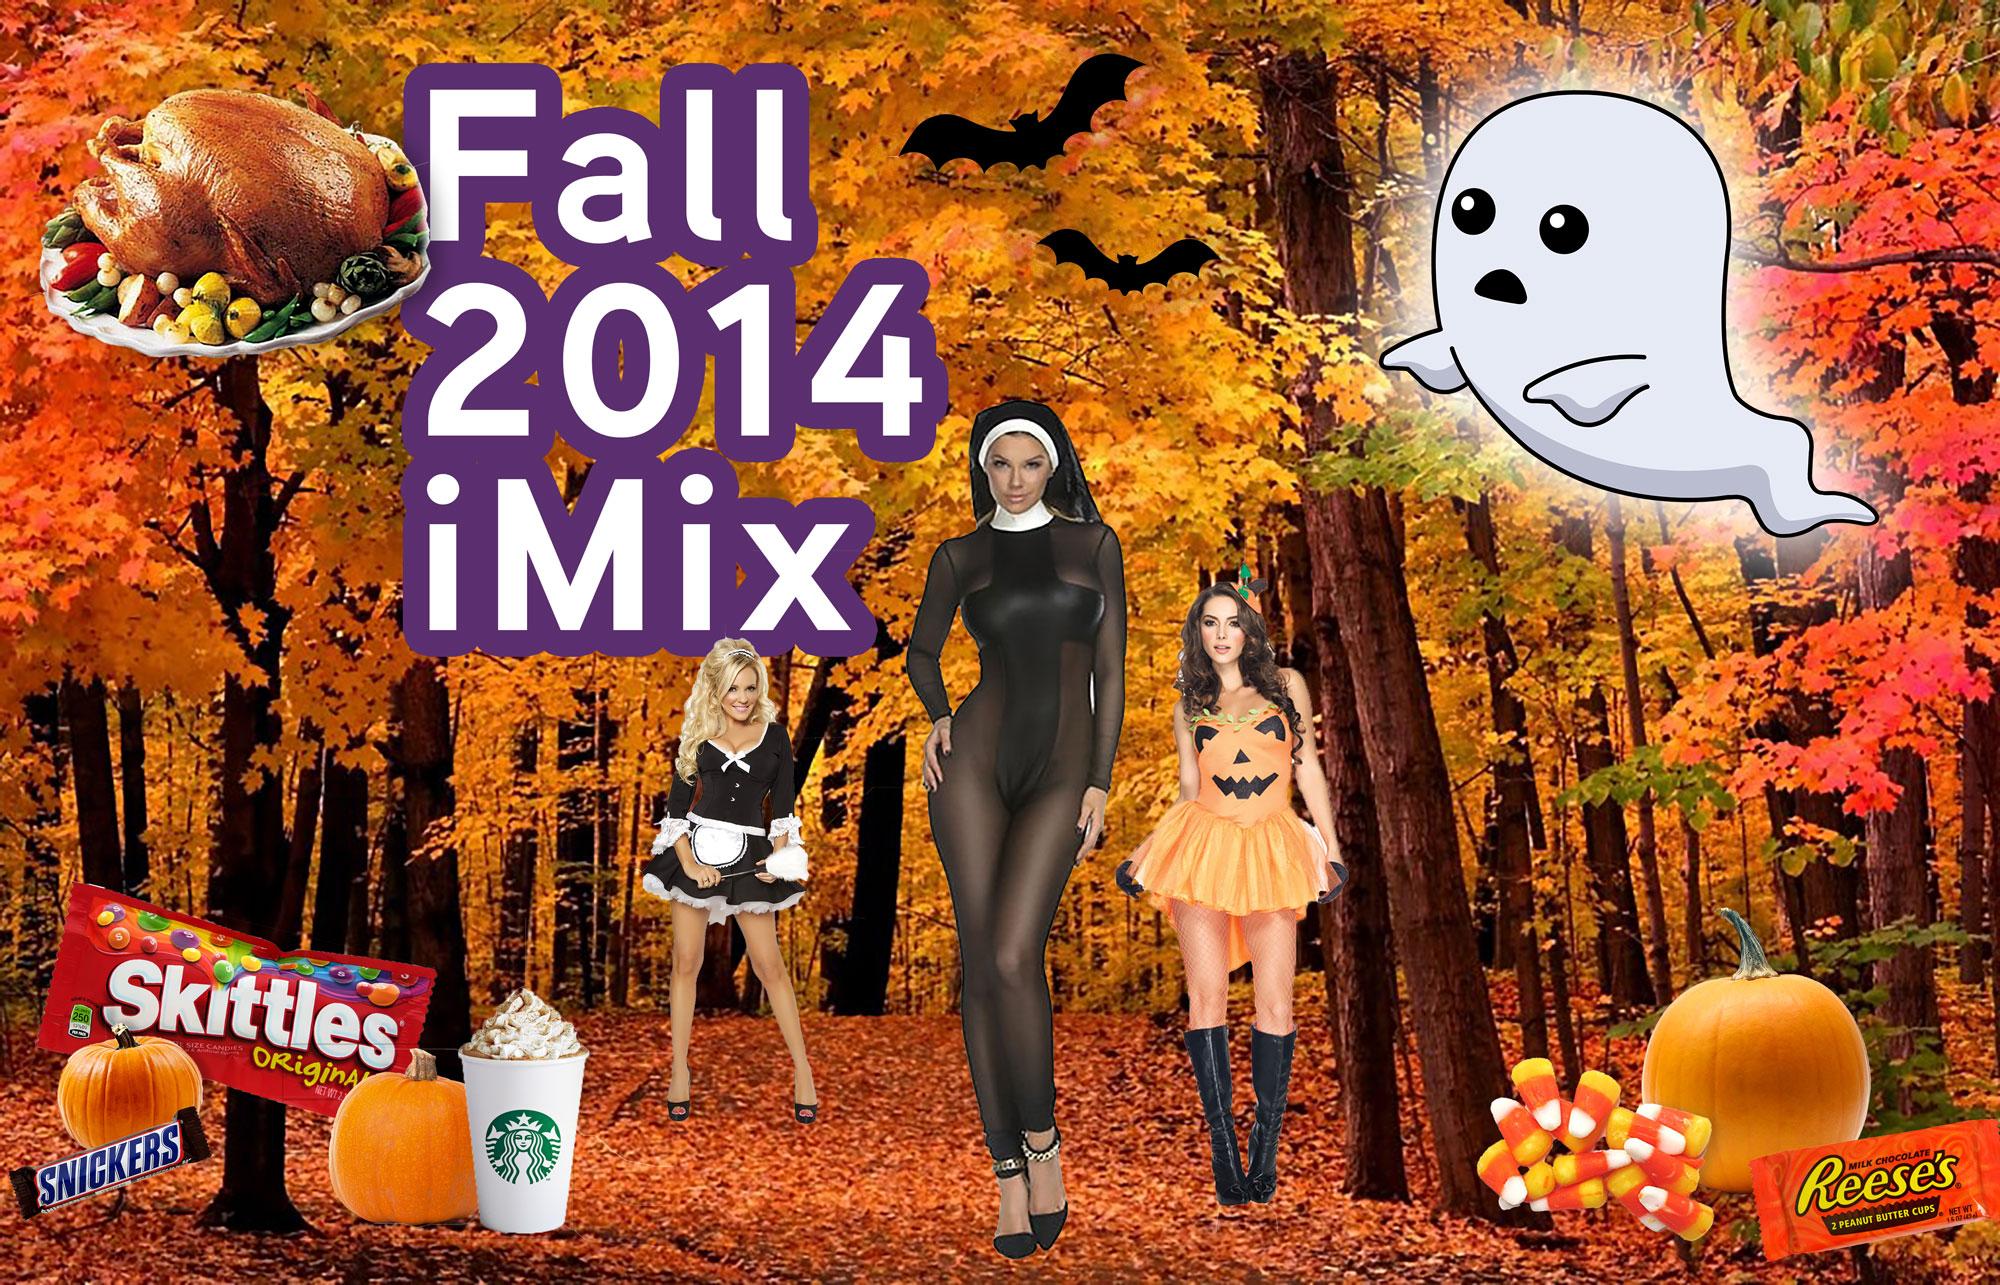 Fall-iMix